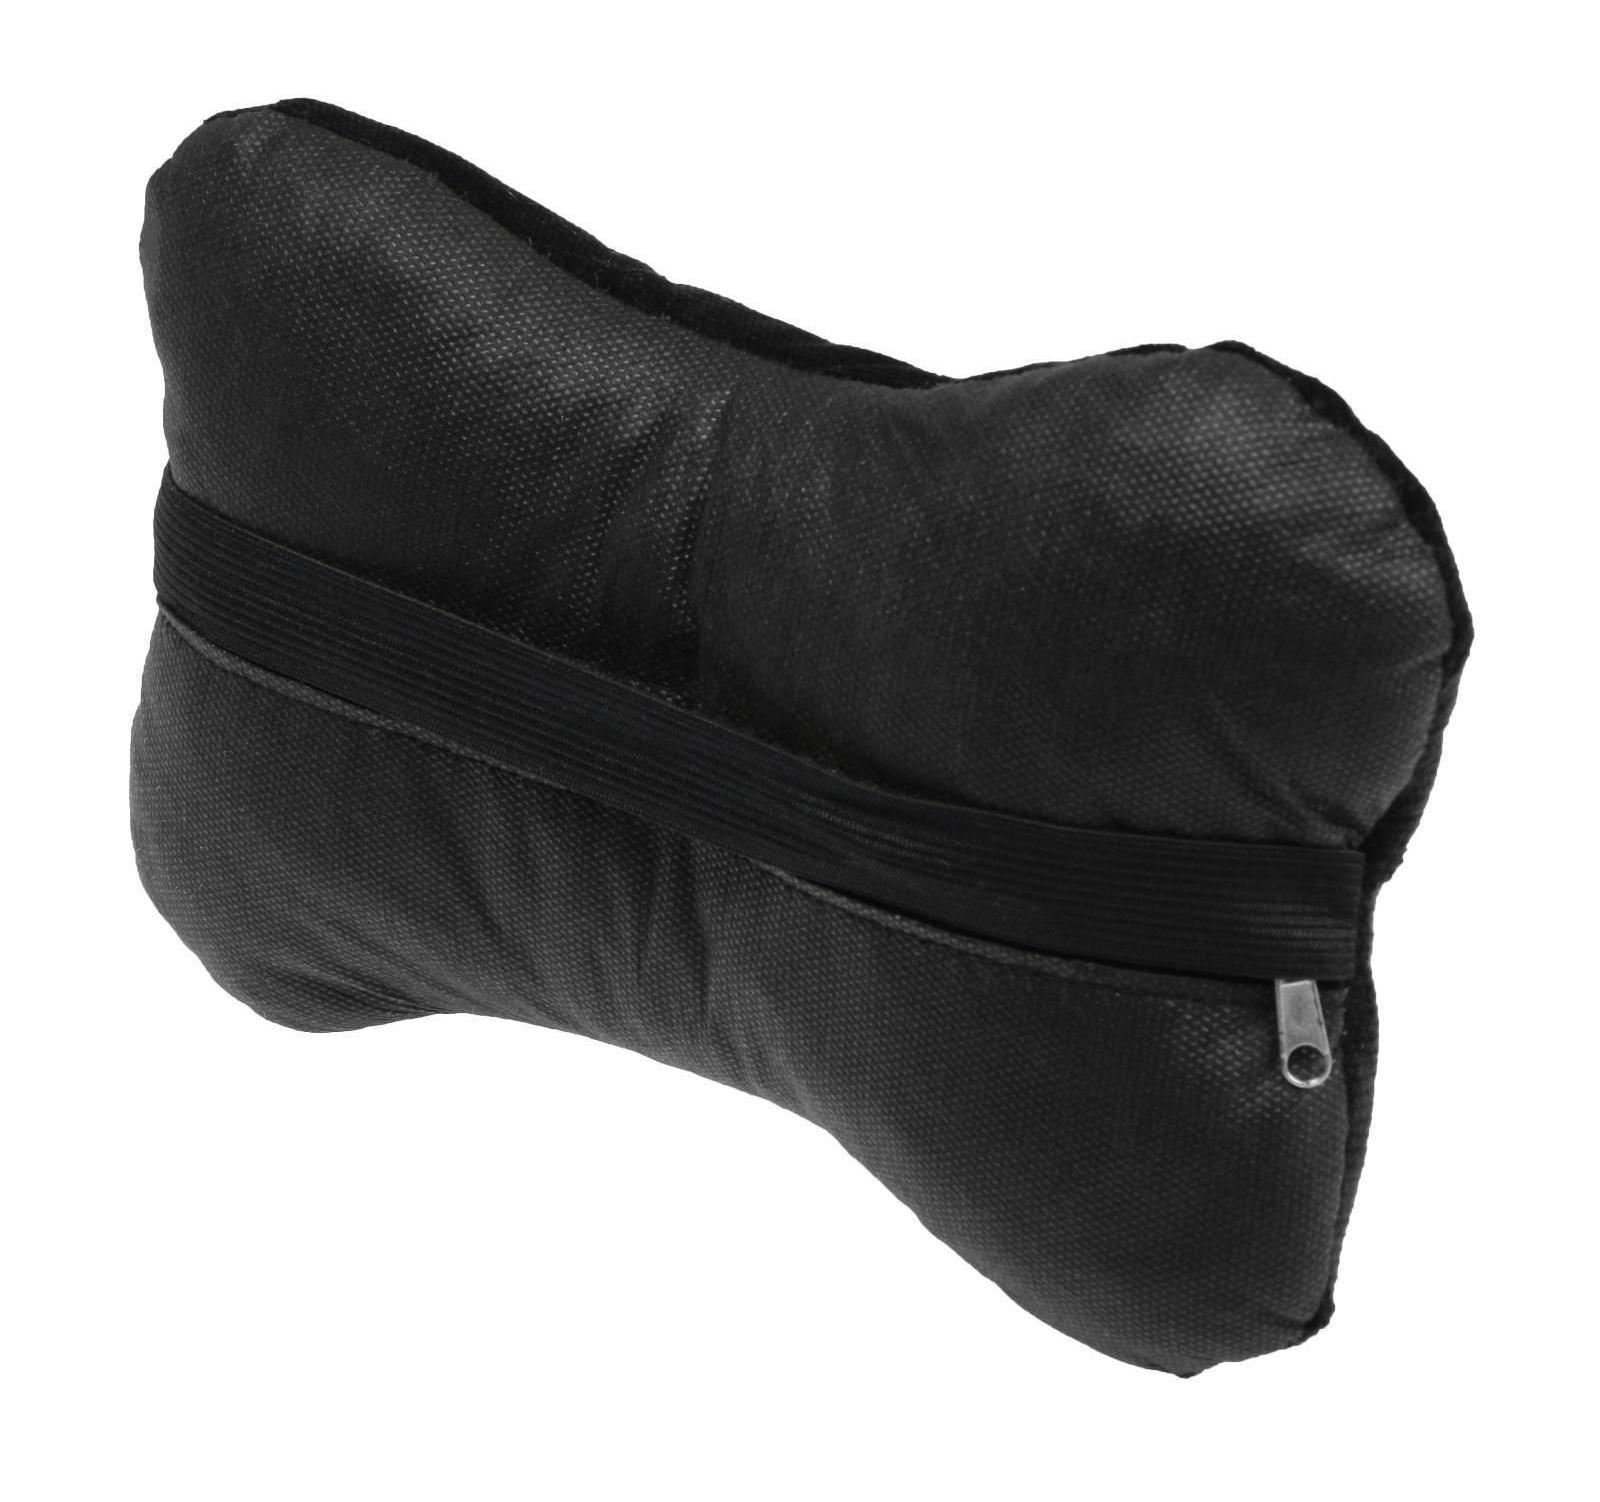 Подушка автомобильная косточка, на подголовник, велюр, черный, ромб, 18х26 см